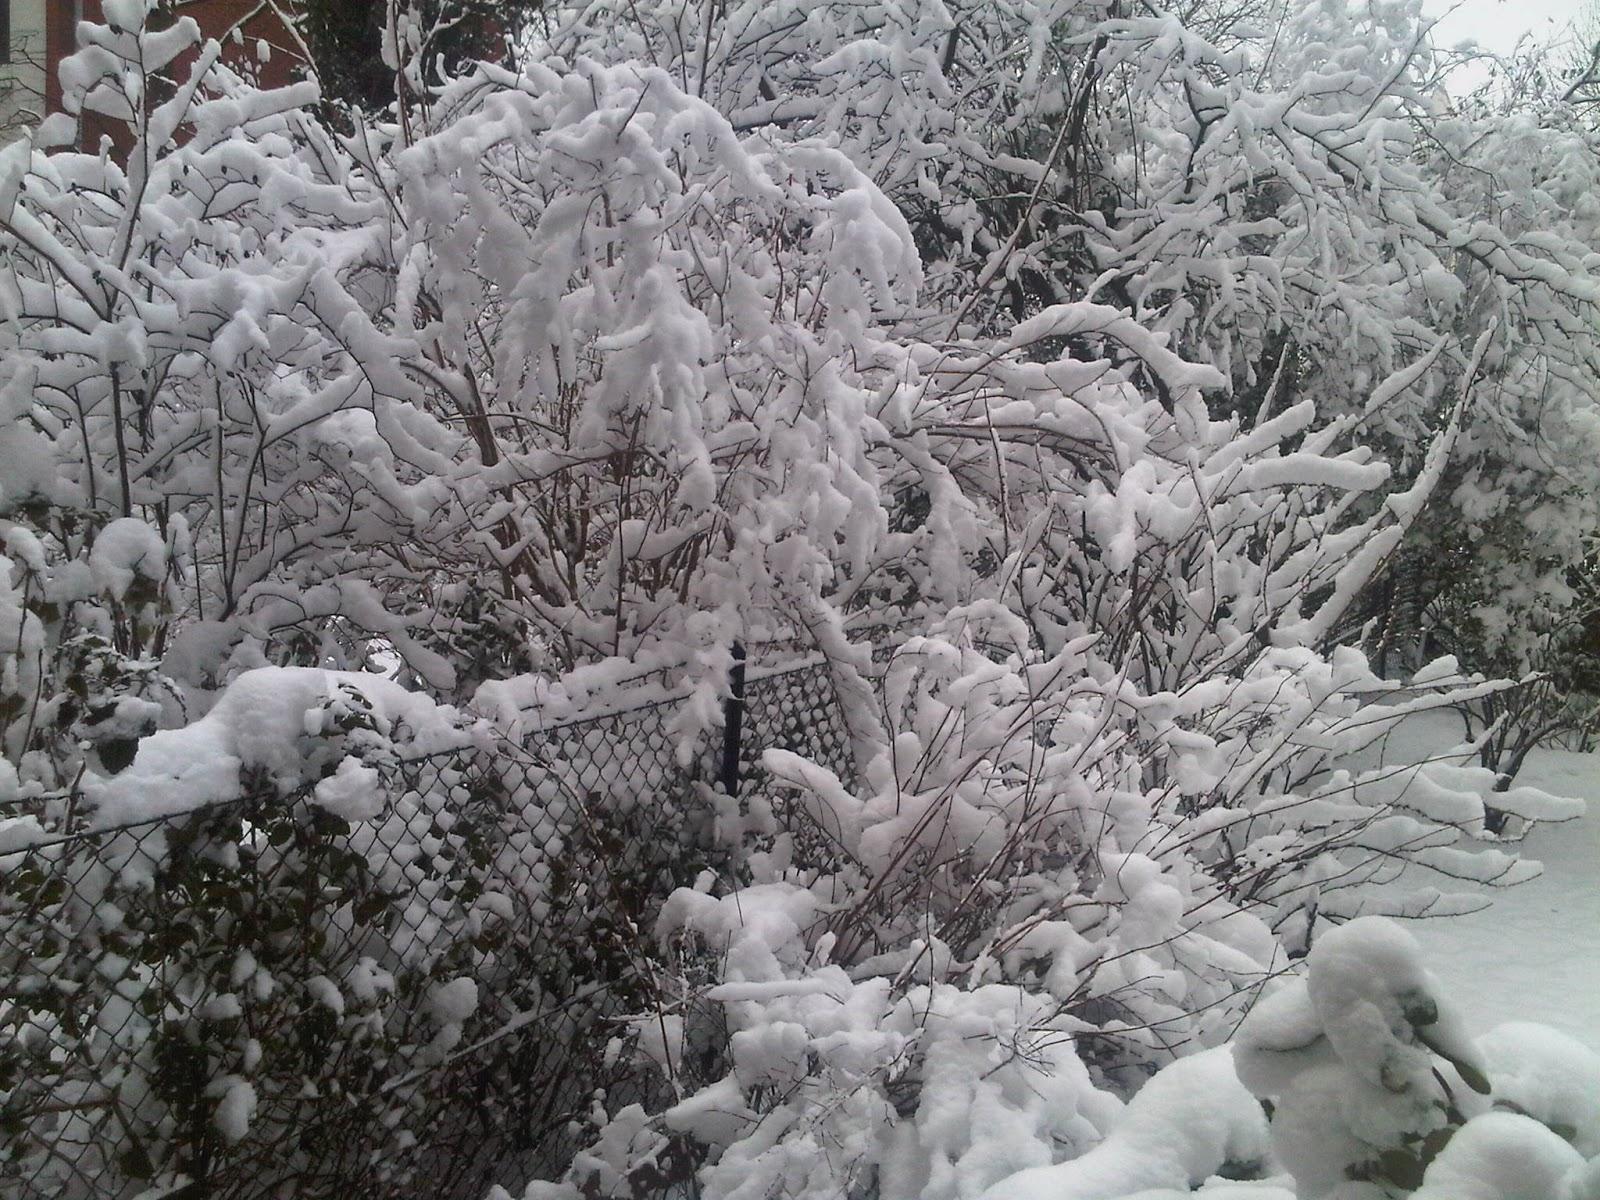 Schneebedeckte Büsche und Bäume in Hinterhof-Gärten von Hamburg